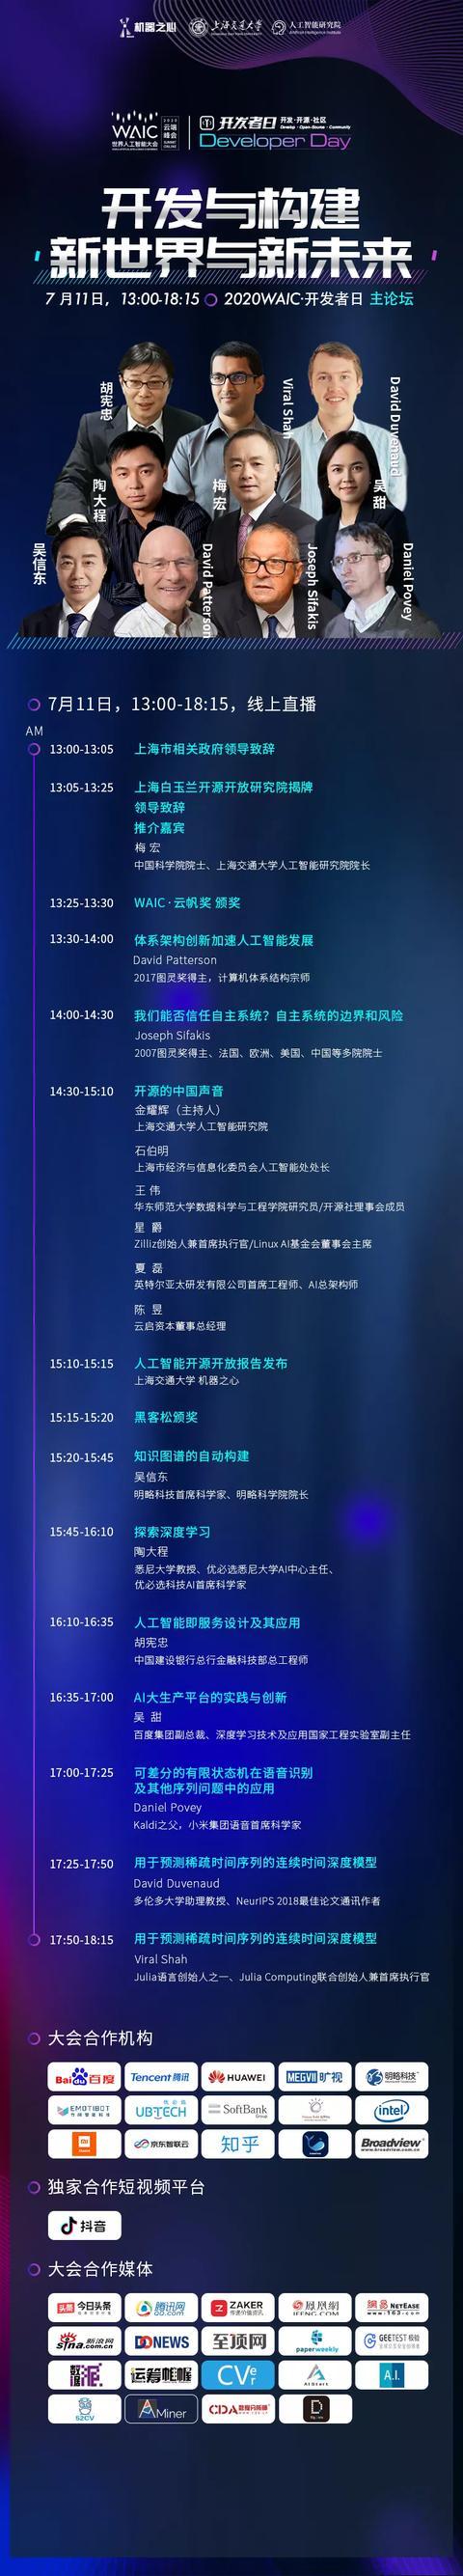 本年最大一场人工智能开发者盛会,邀请100位VIP现场观众